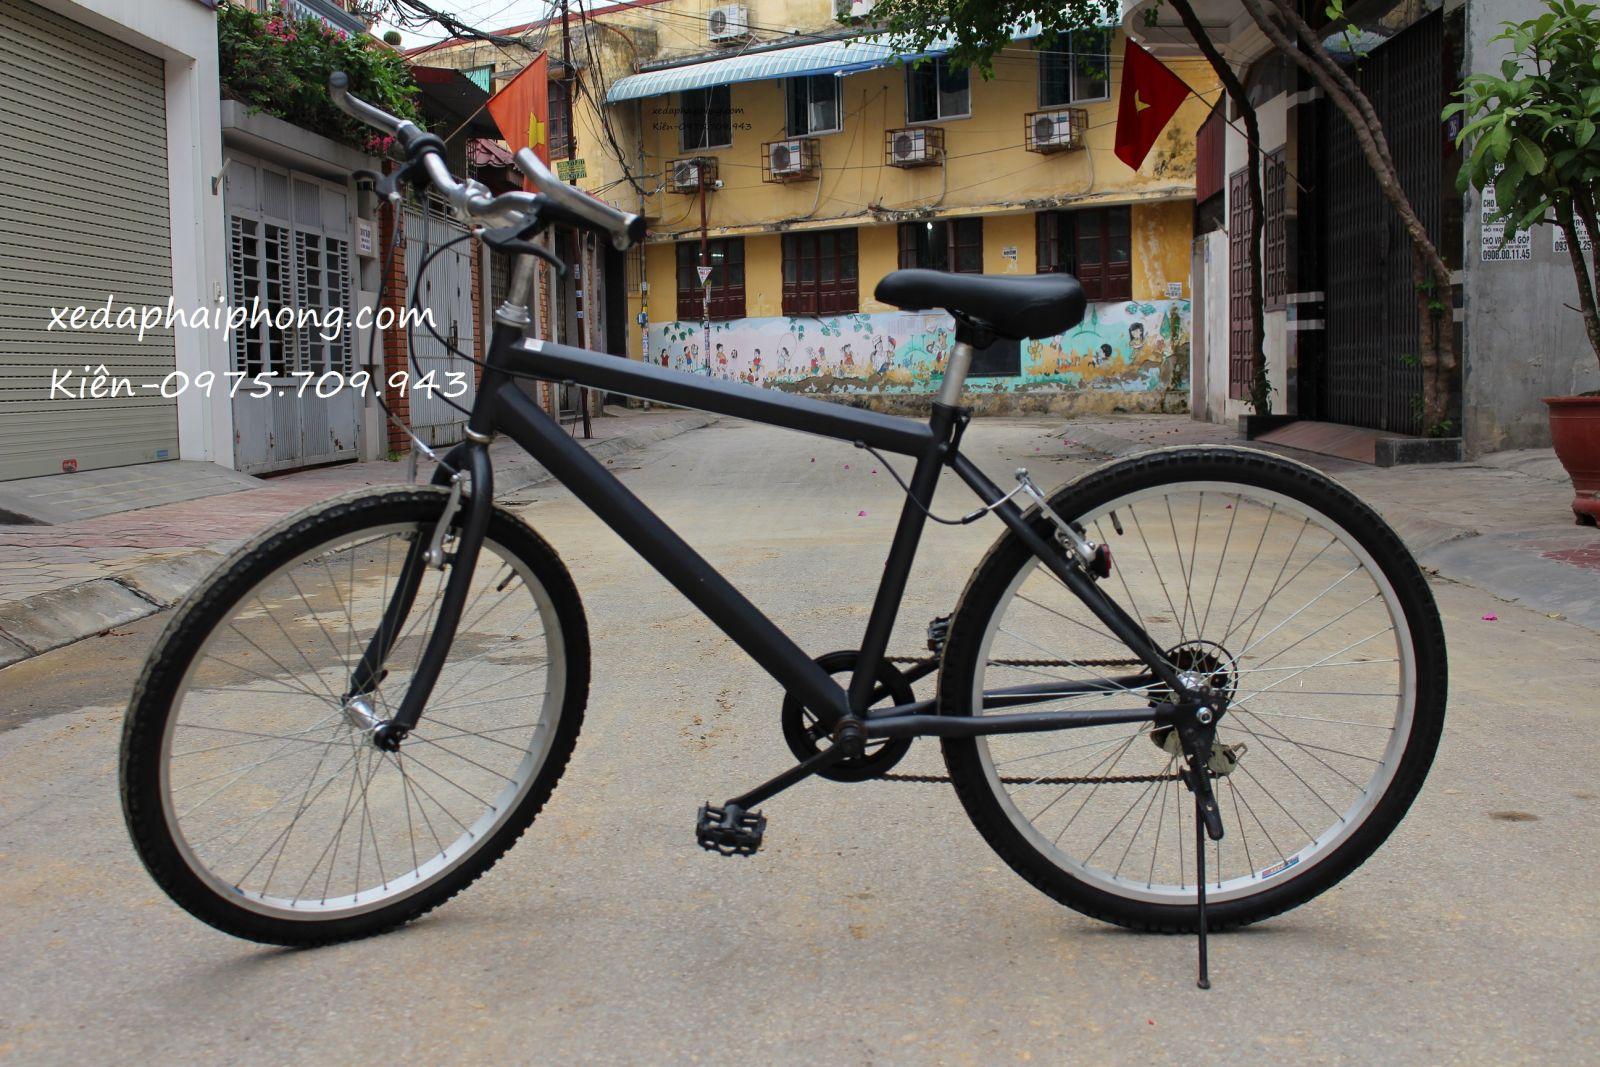 Chuyên cung cấp xe đạp nhật bãi ở hải phòng